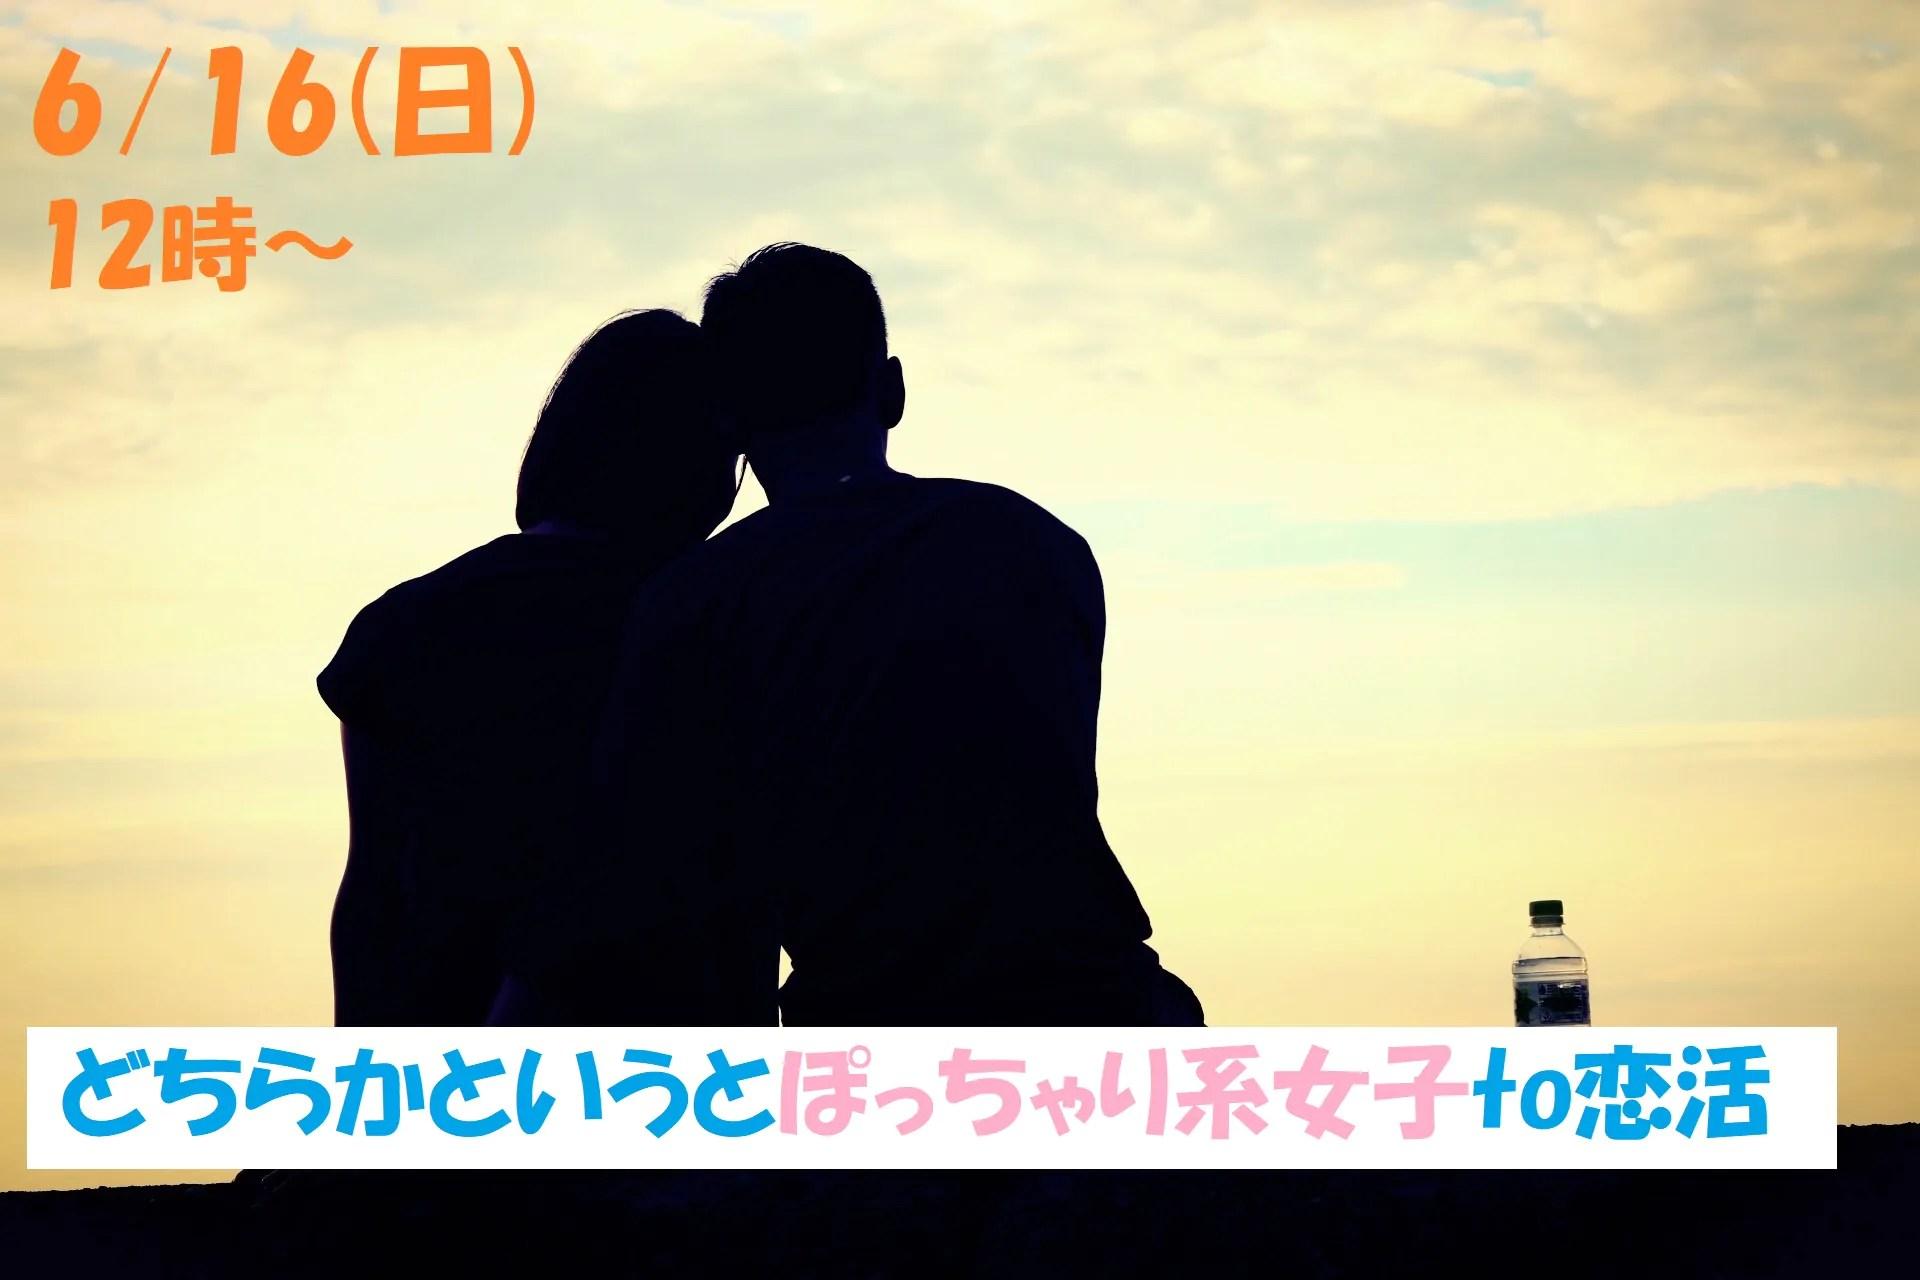 【終了】6月16日(日)12時~どちらかというとぽっちゃり系女子 to 恋活!